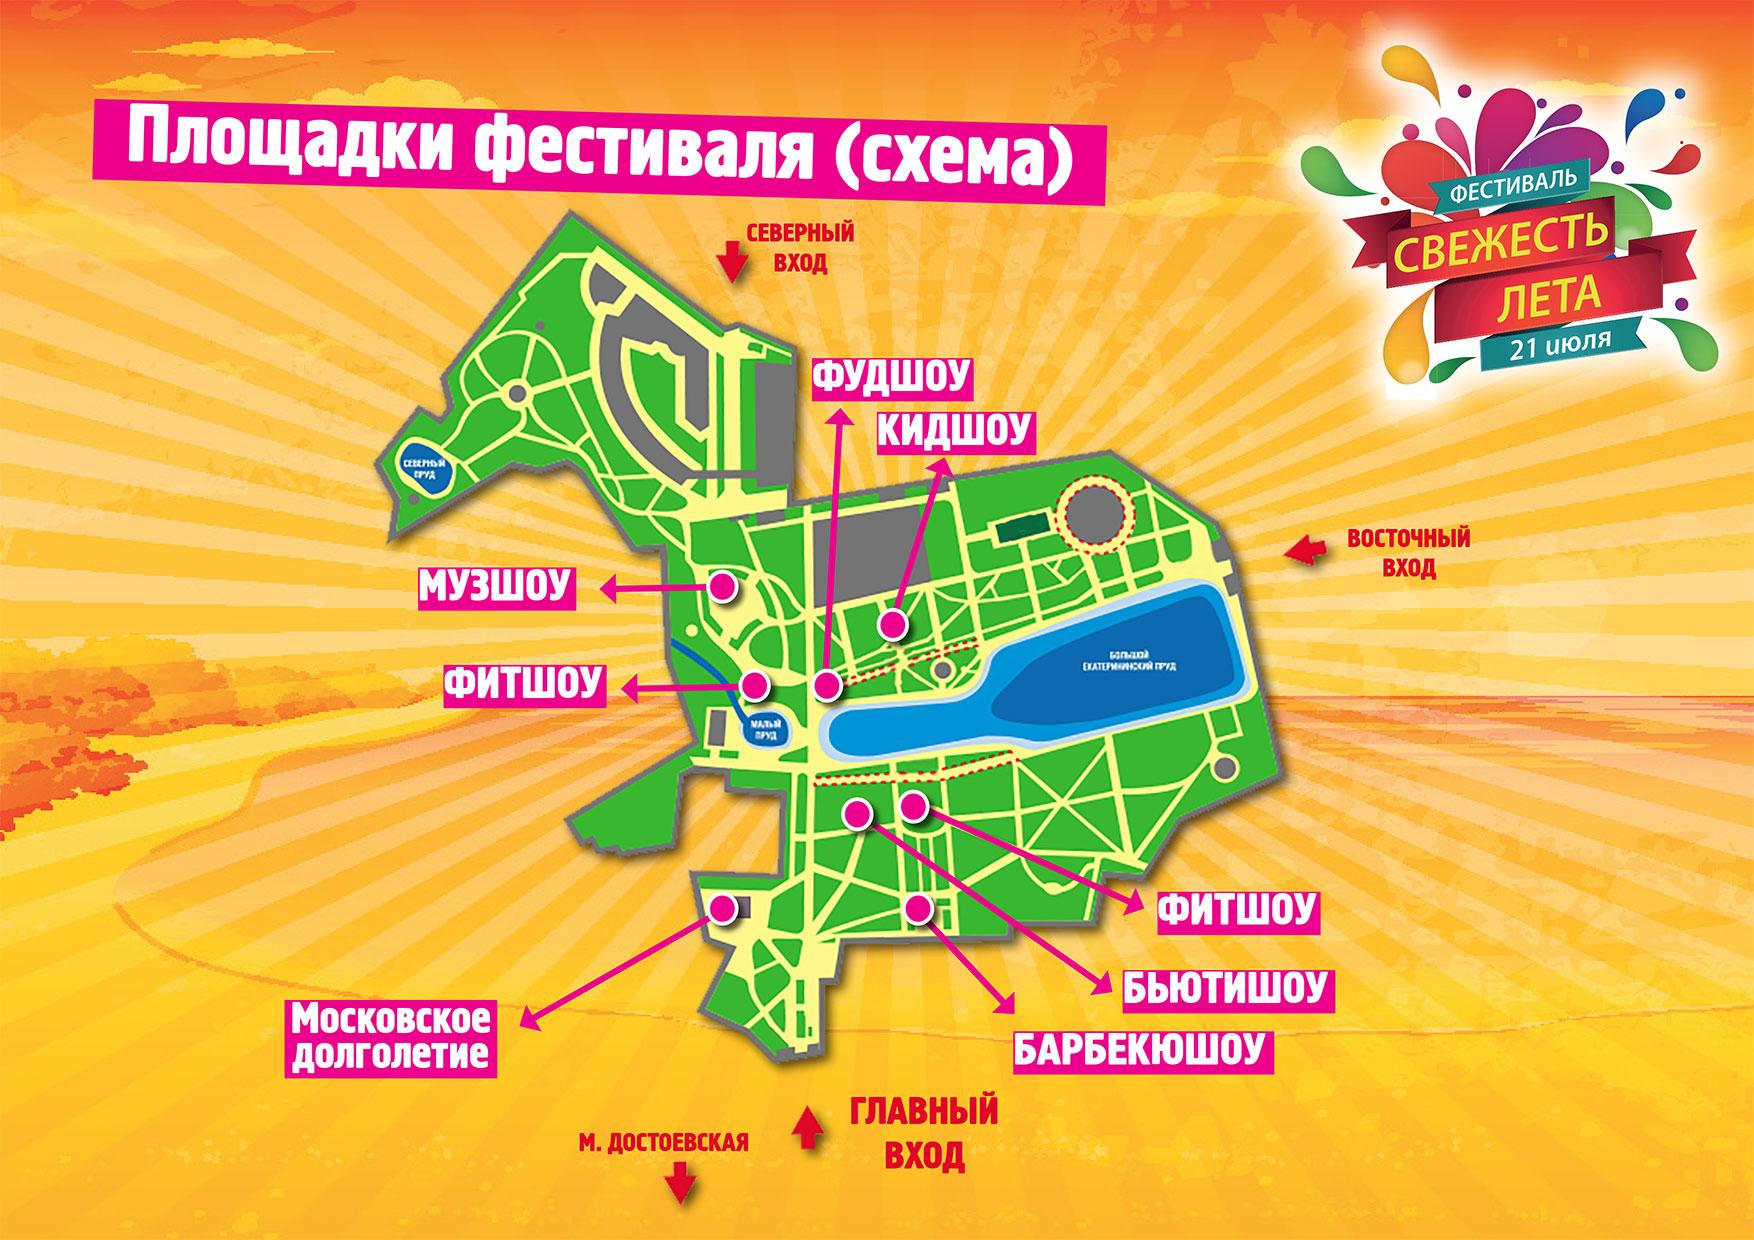 Карта фестиваля Свежесть лета